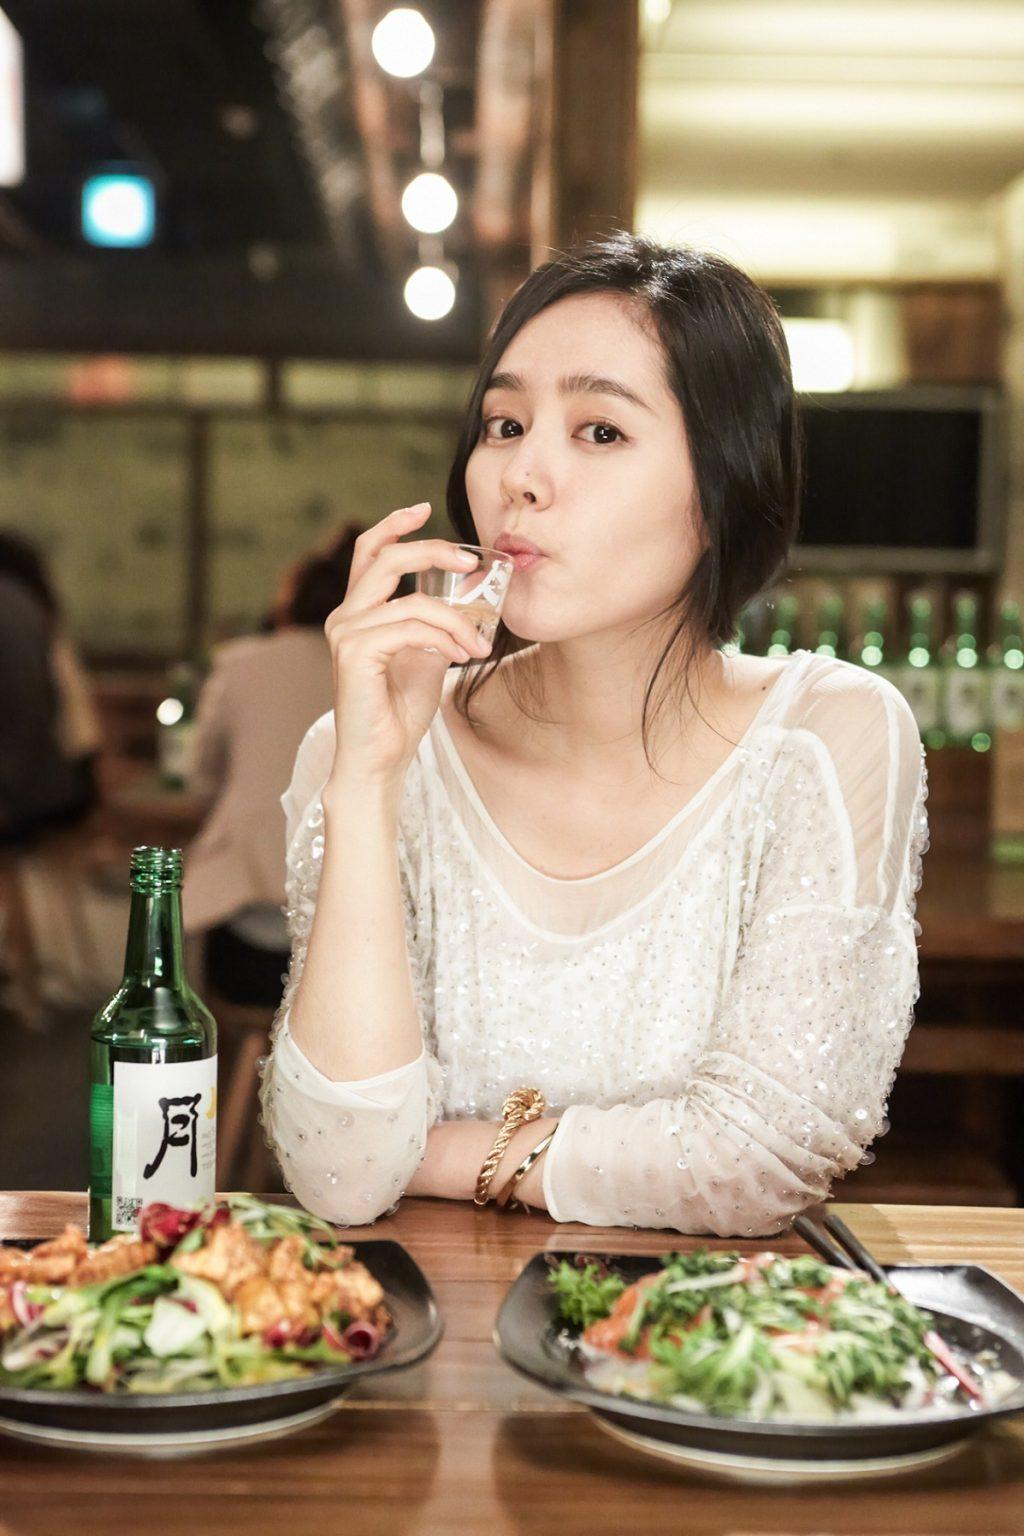 My nhan khong tuoi-4